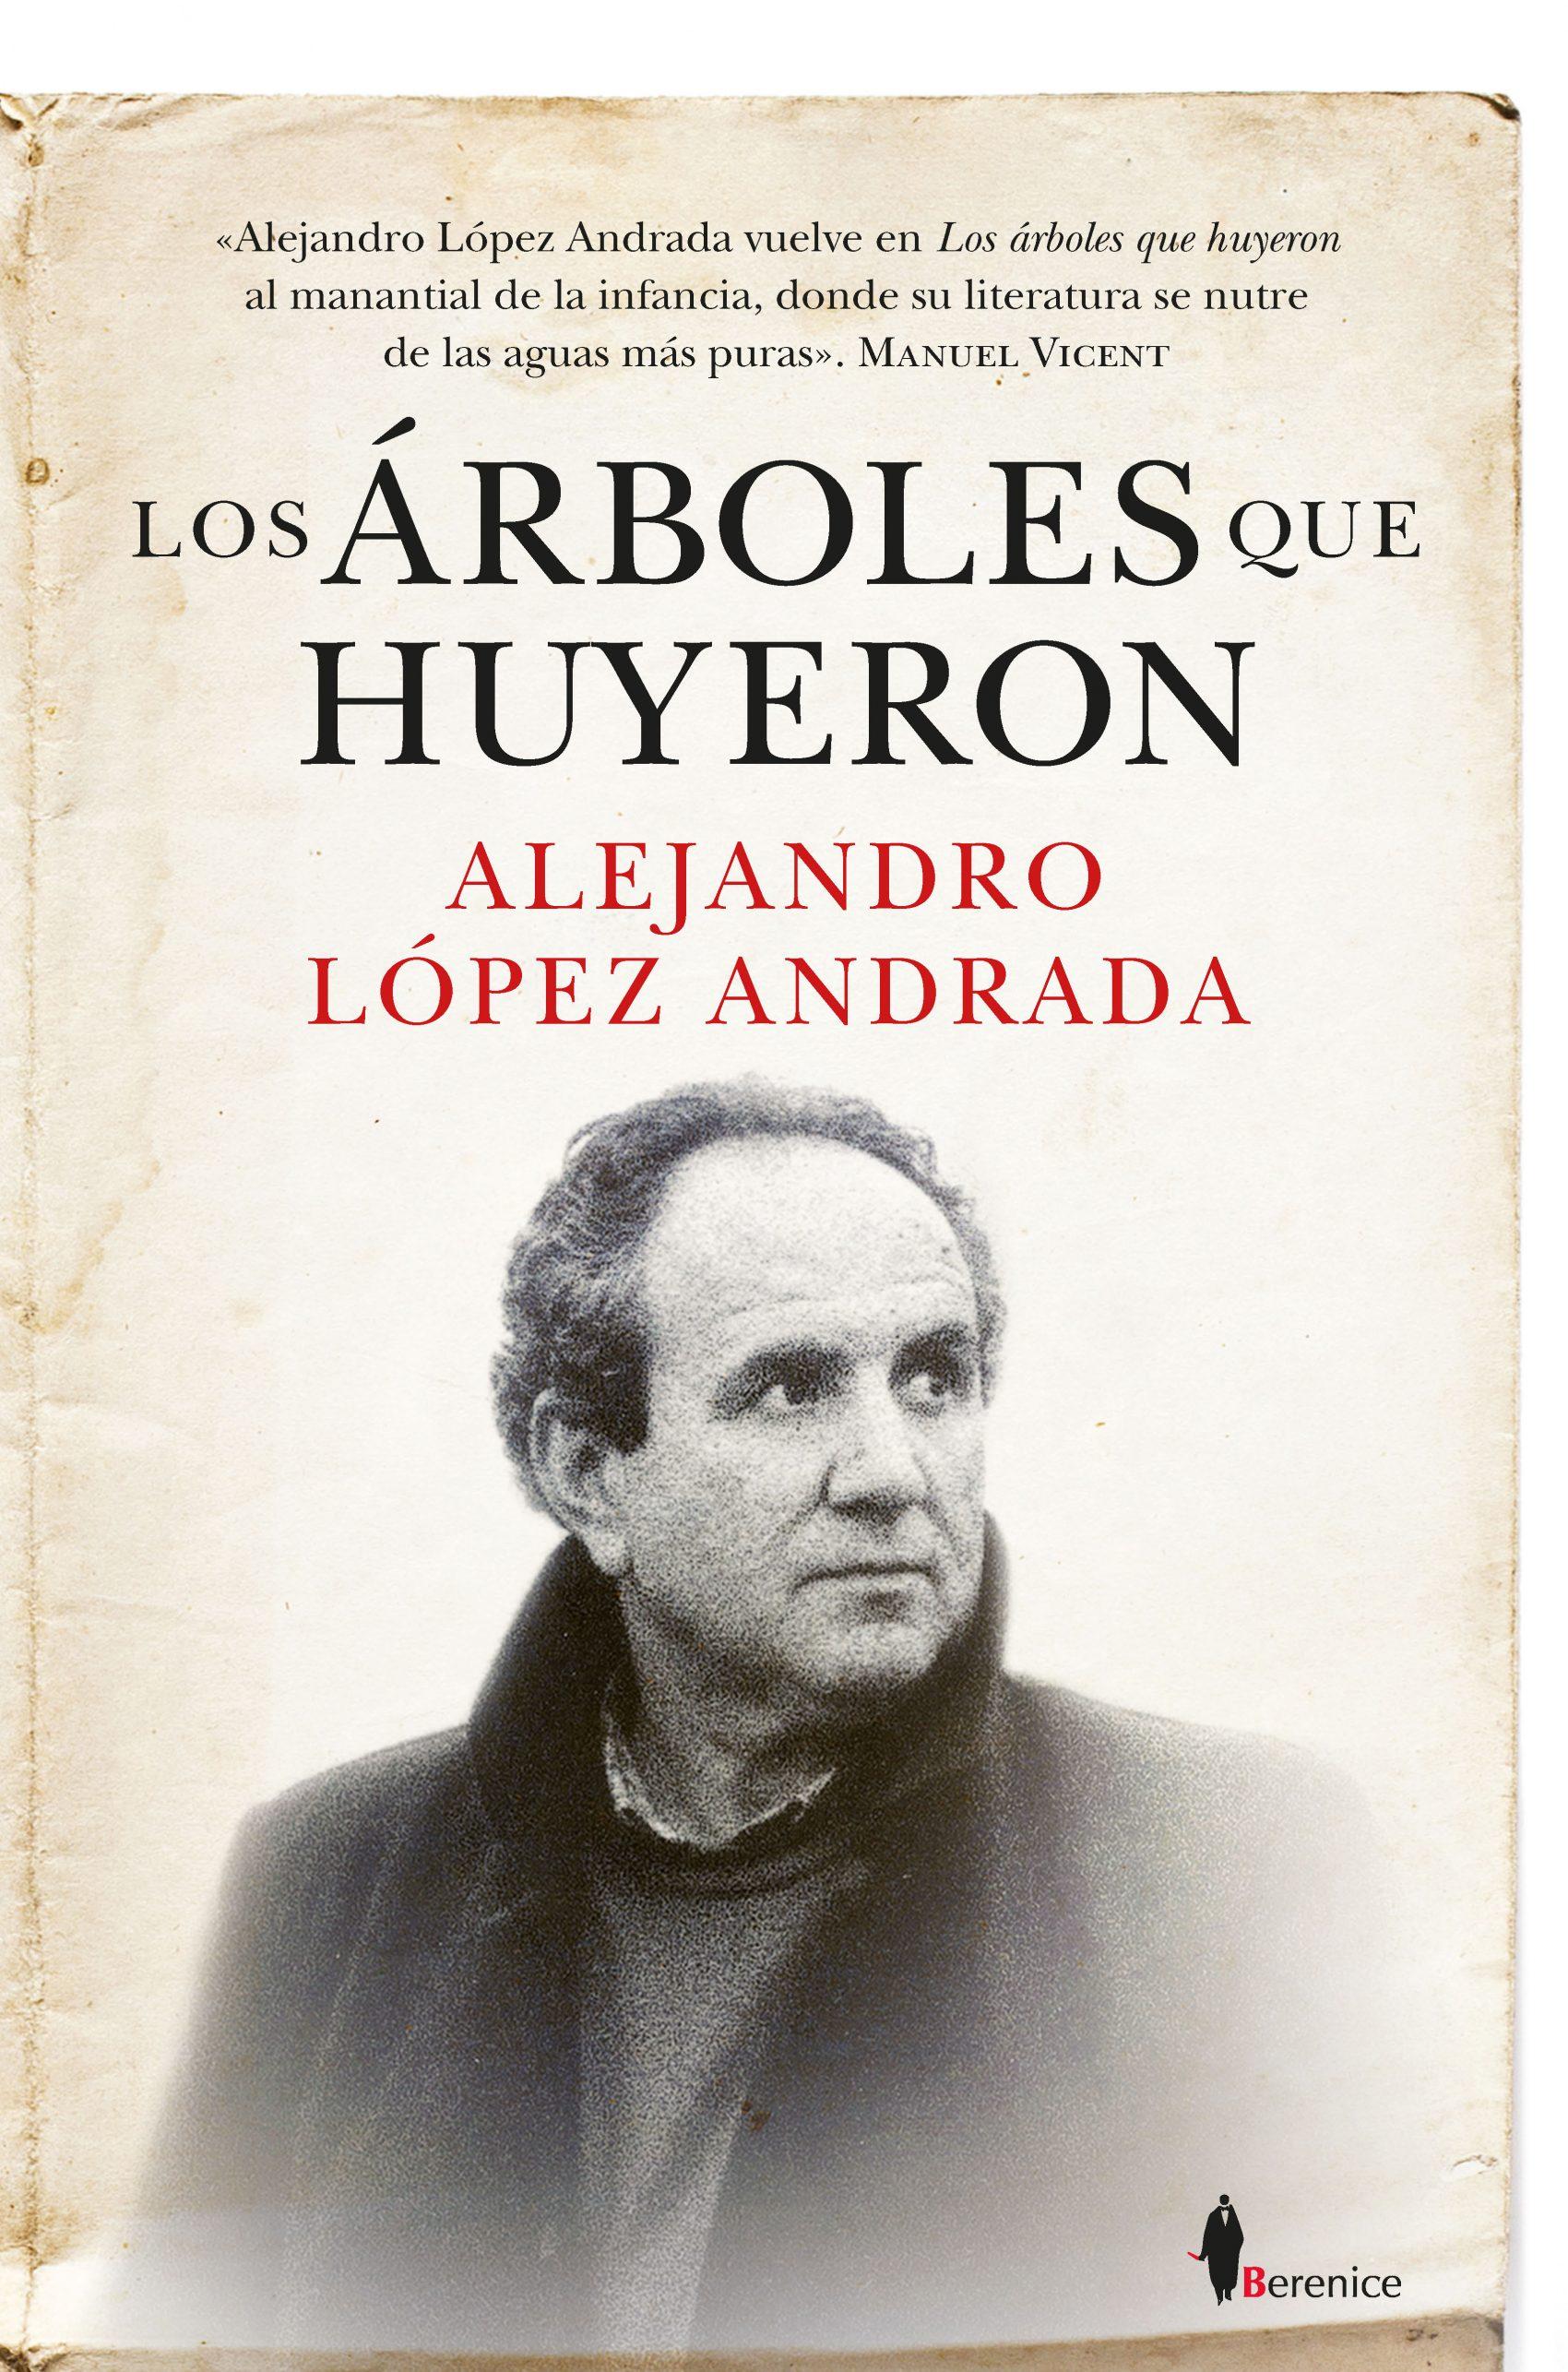 Los árboles que huyeron Alejandro López Andrada